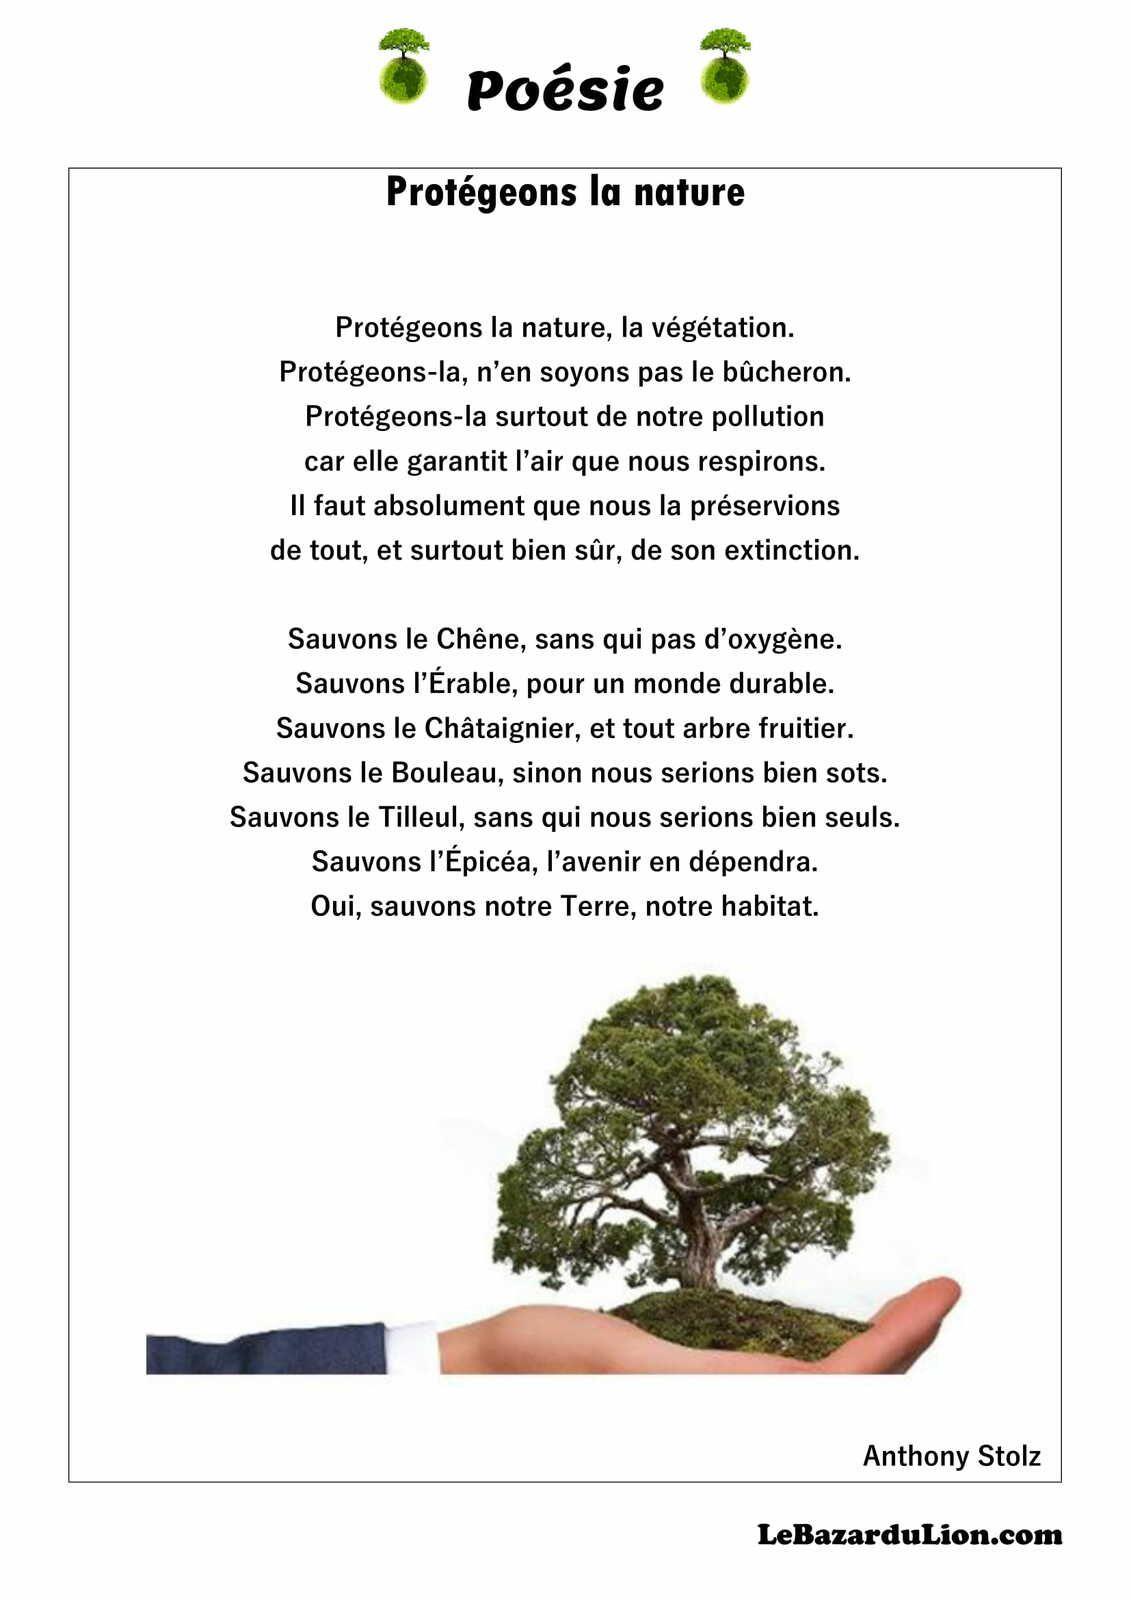 Poésie sur le thème de la protection de la nature (Annexe : le loup qui aimait les arbres) [Poésie][Écologie][MS][GS]